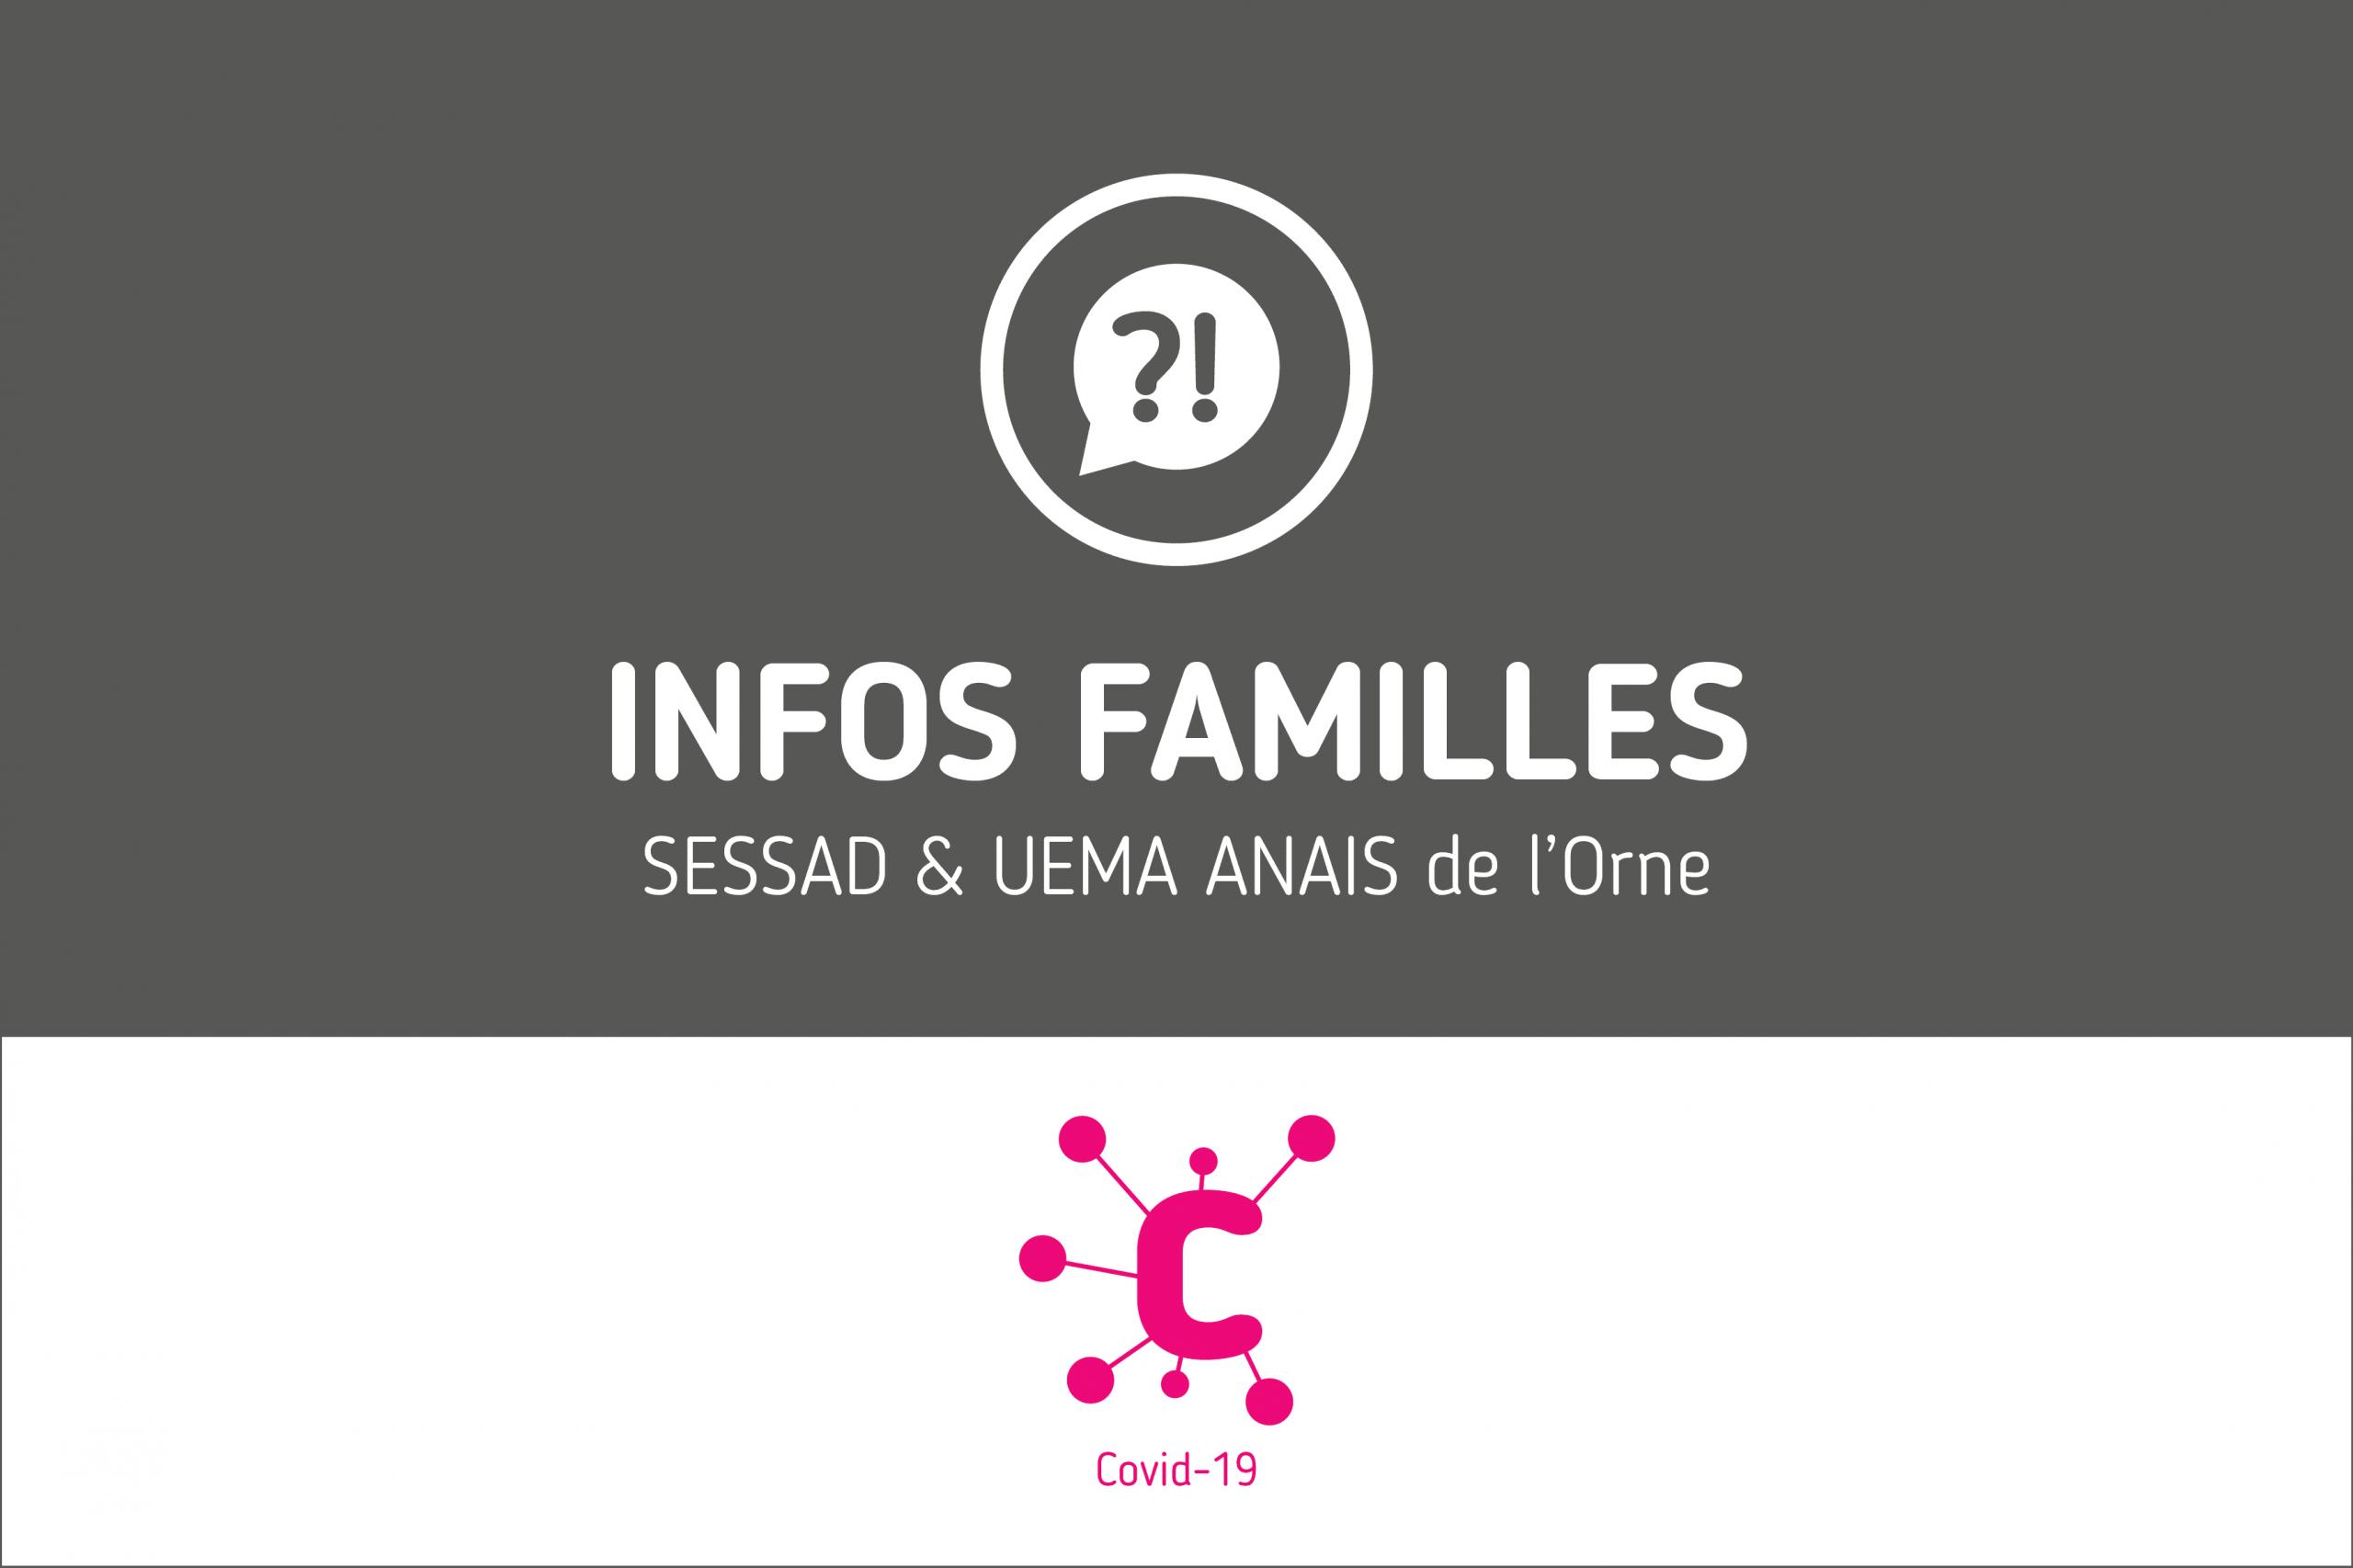 Protégé: Infos familles – SESSAD & UEMA ANAIS de l'Orne